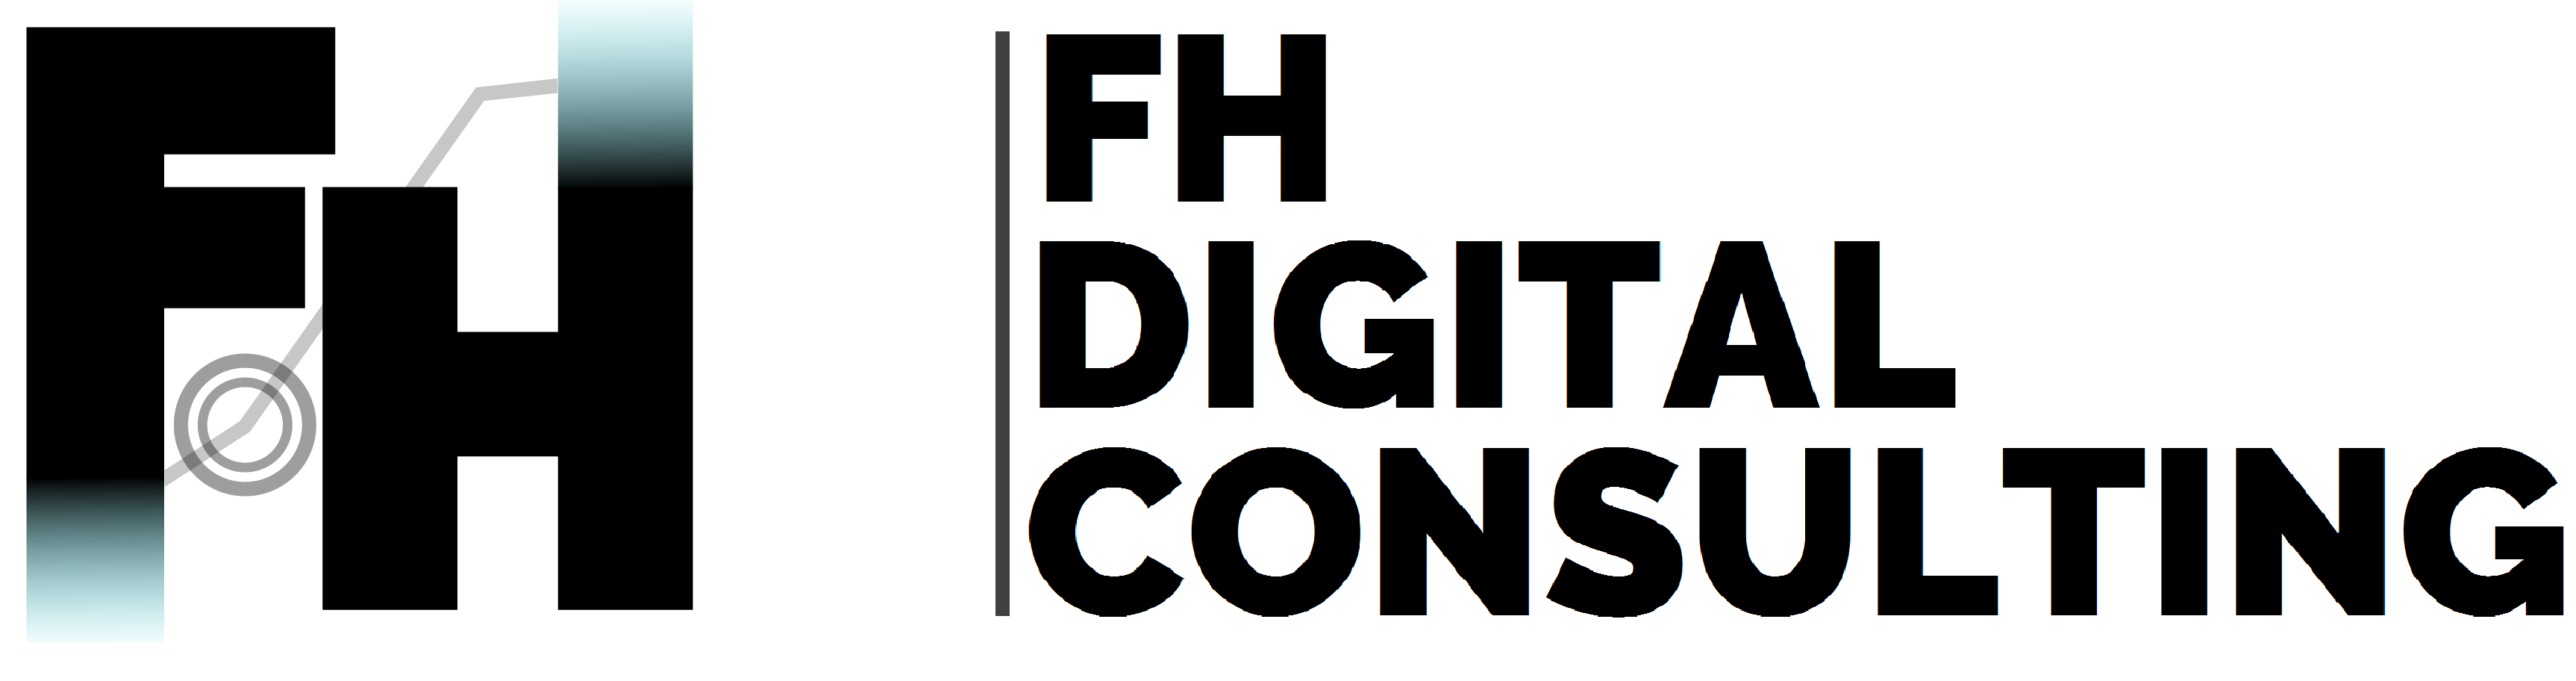 Fabian_Hebermehl_Logo - Kopie - Kopie (2)